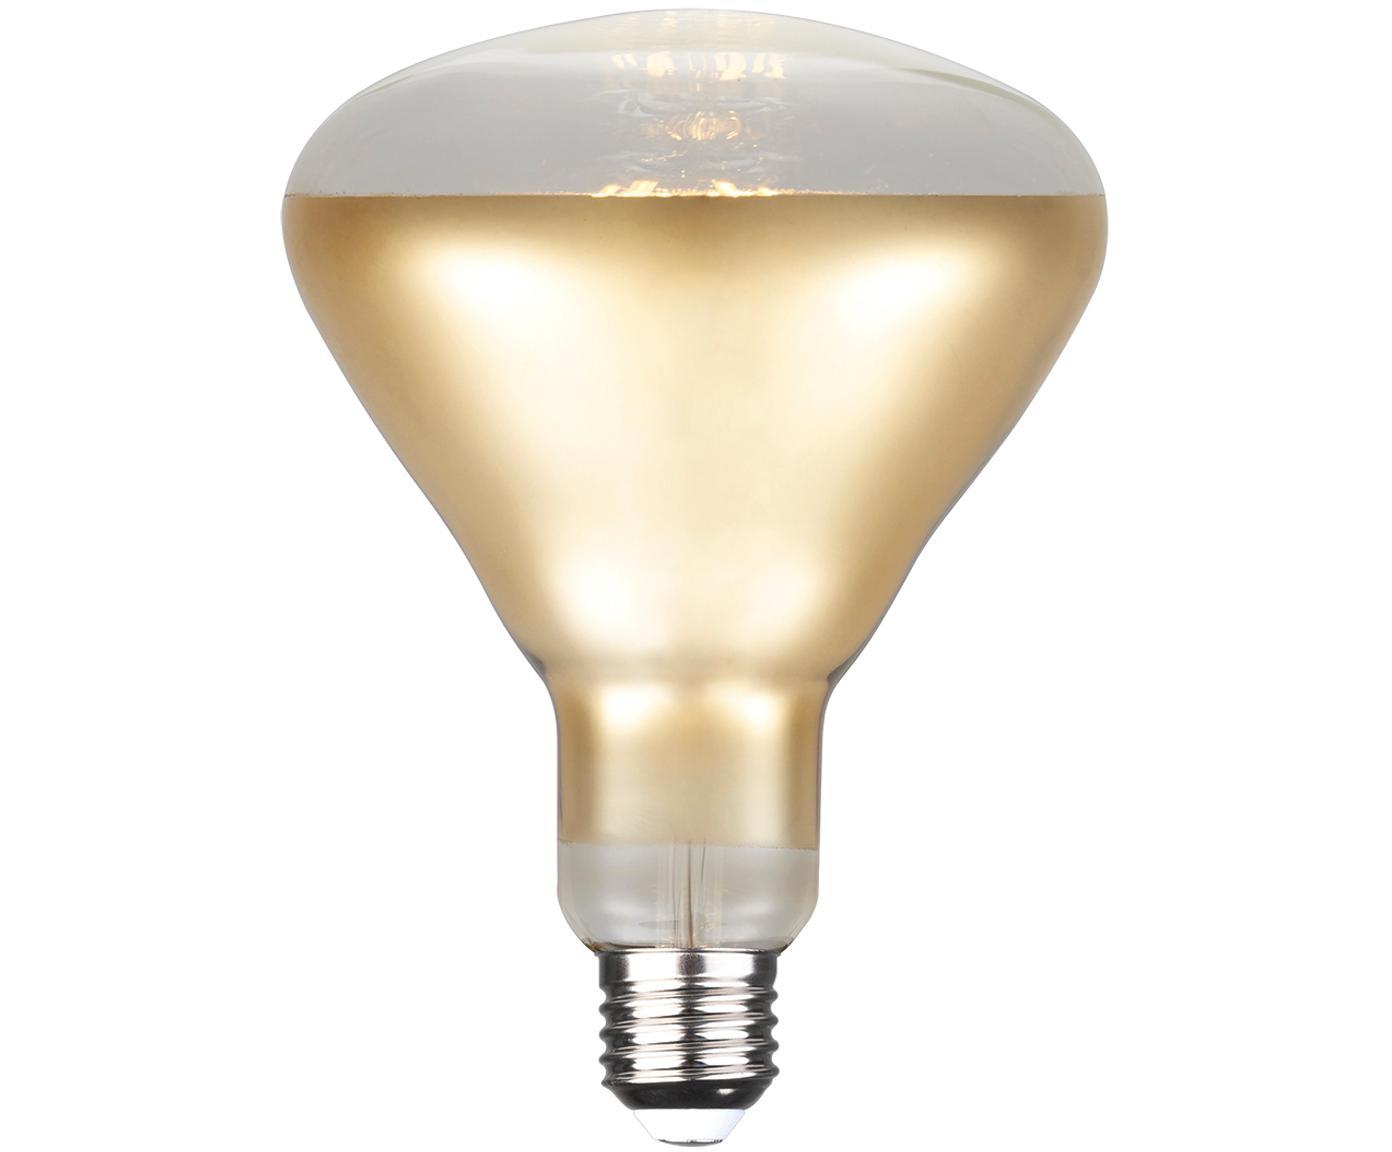 Żarówka LED Reflektor (E27/7 W), Odcienie złotego, Ø 13 x W 17 cm